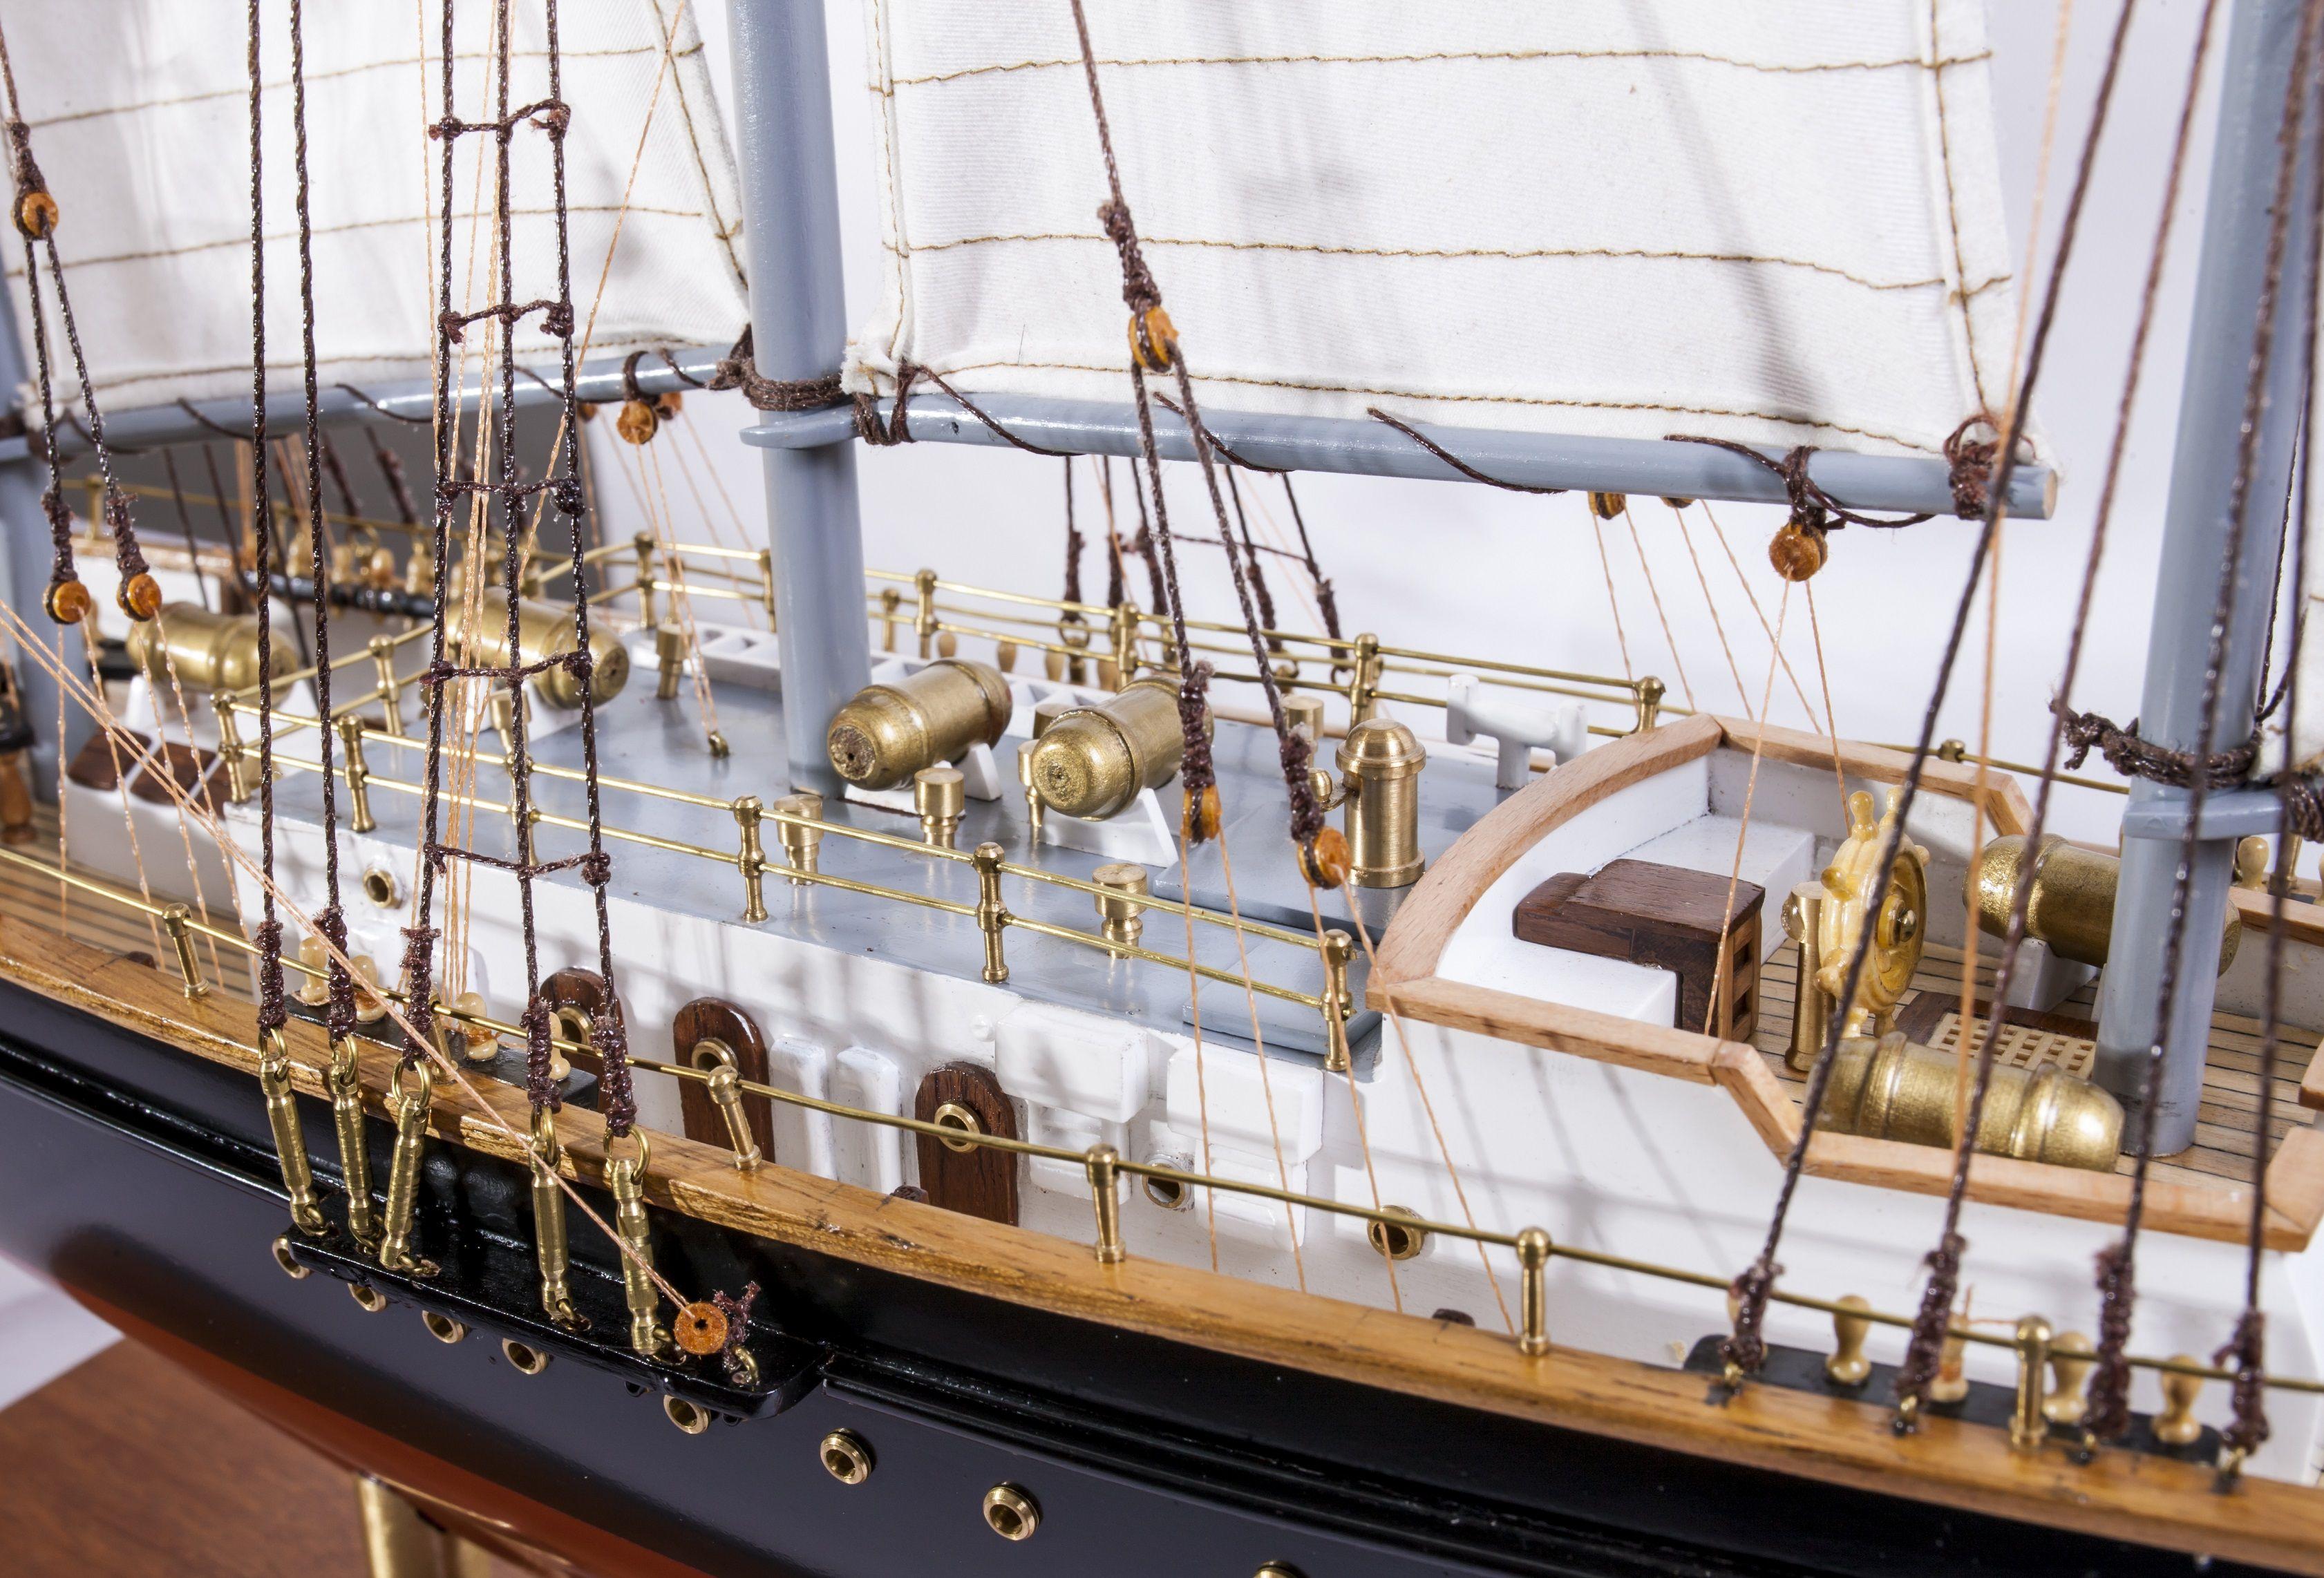 Sir Winston Churchill Model Boat